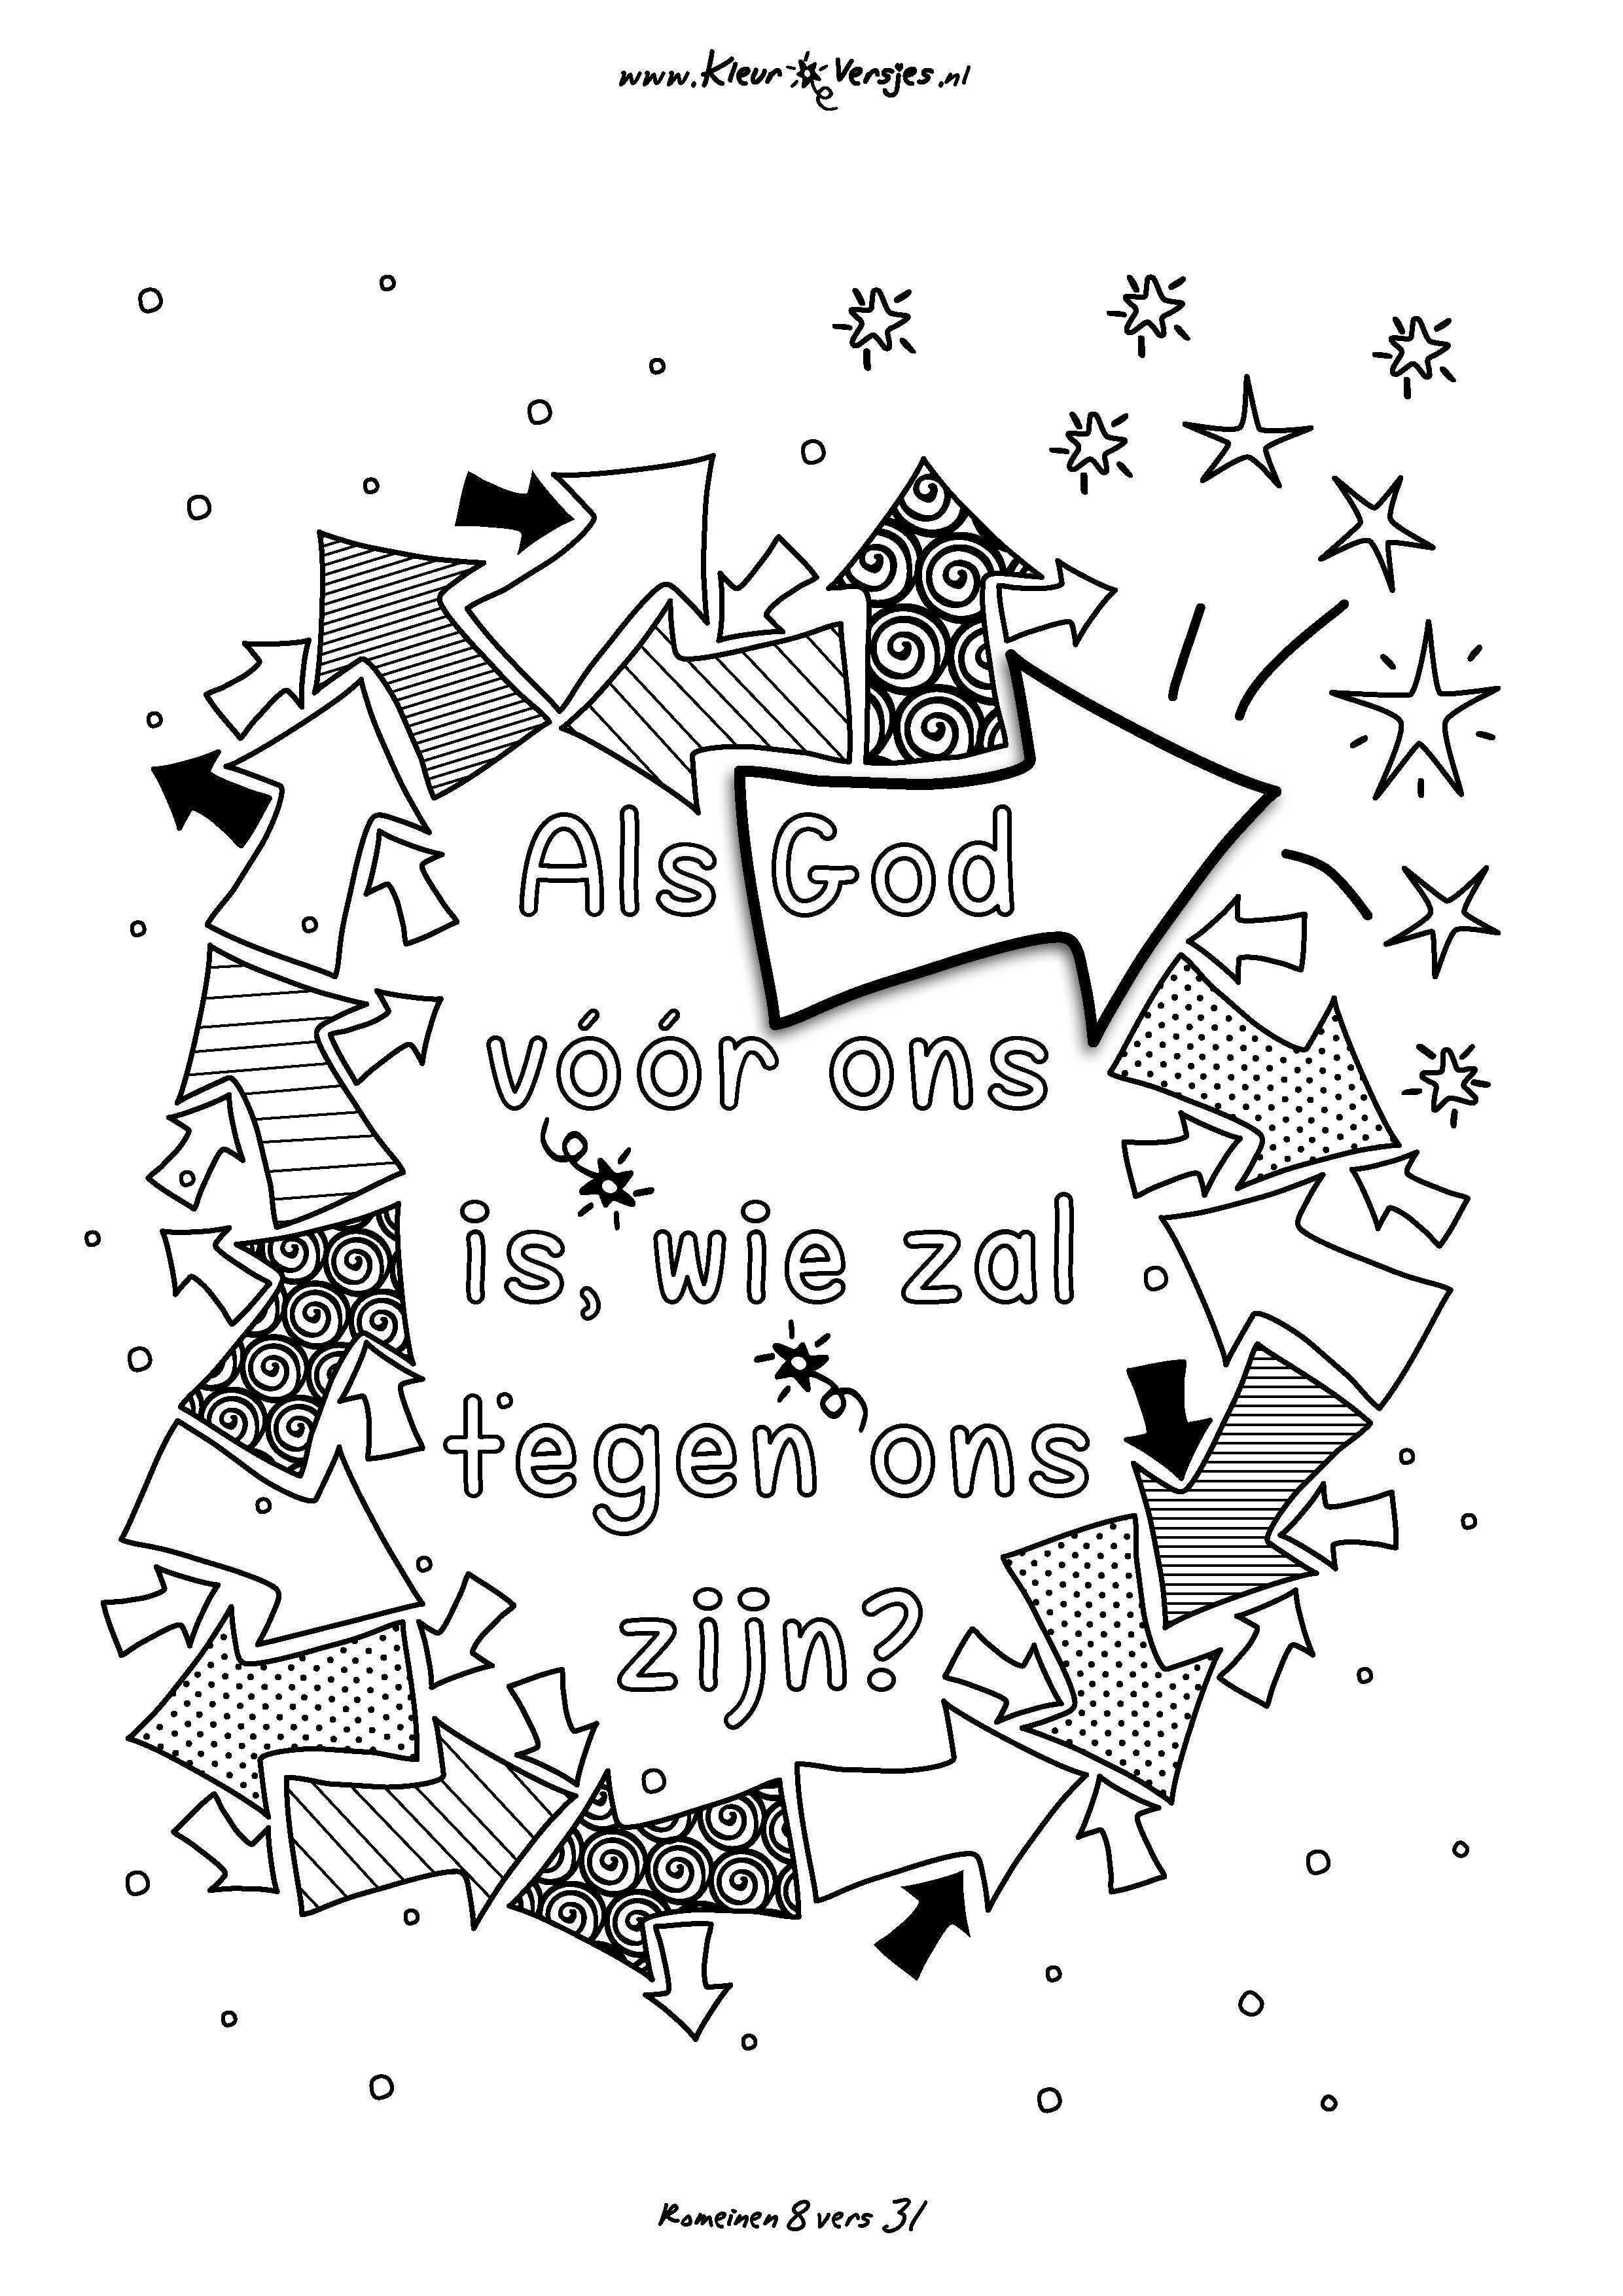 023 Als God Voor Ons Is Kleurversjes Nl Bijbel Kleurplaten Bijbelknutselwerk Christelijke Knutsels